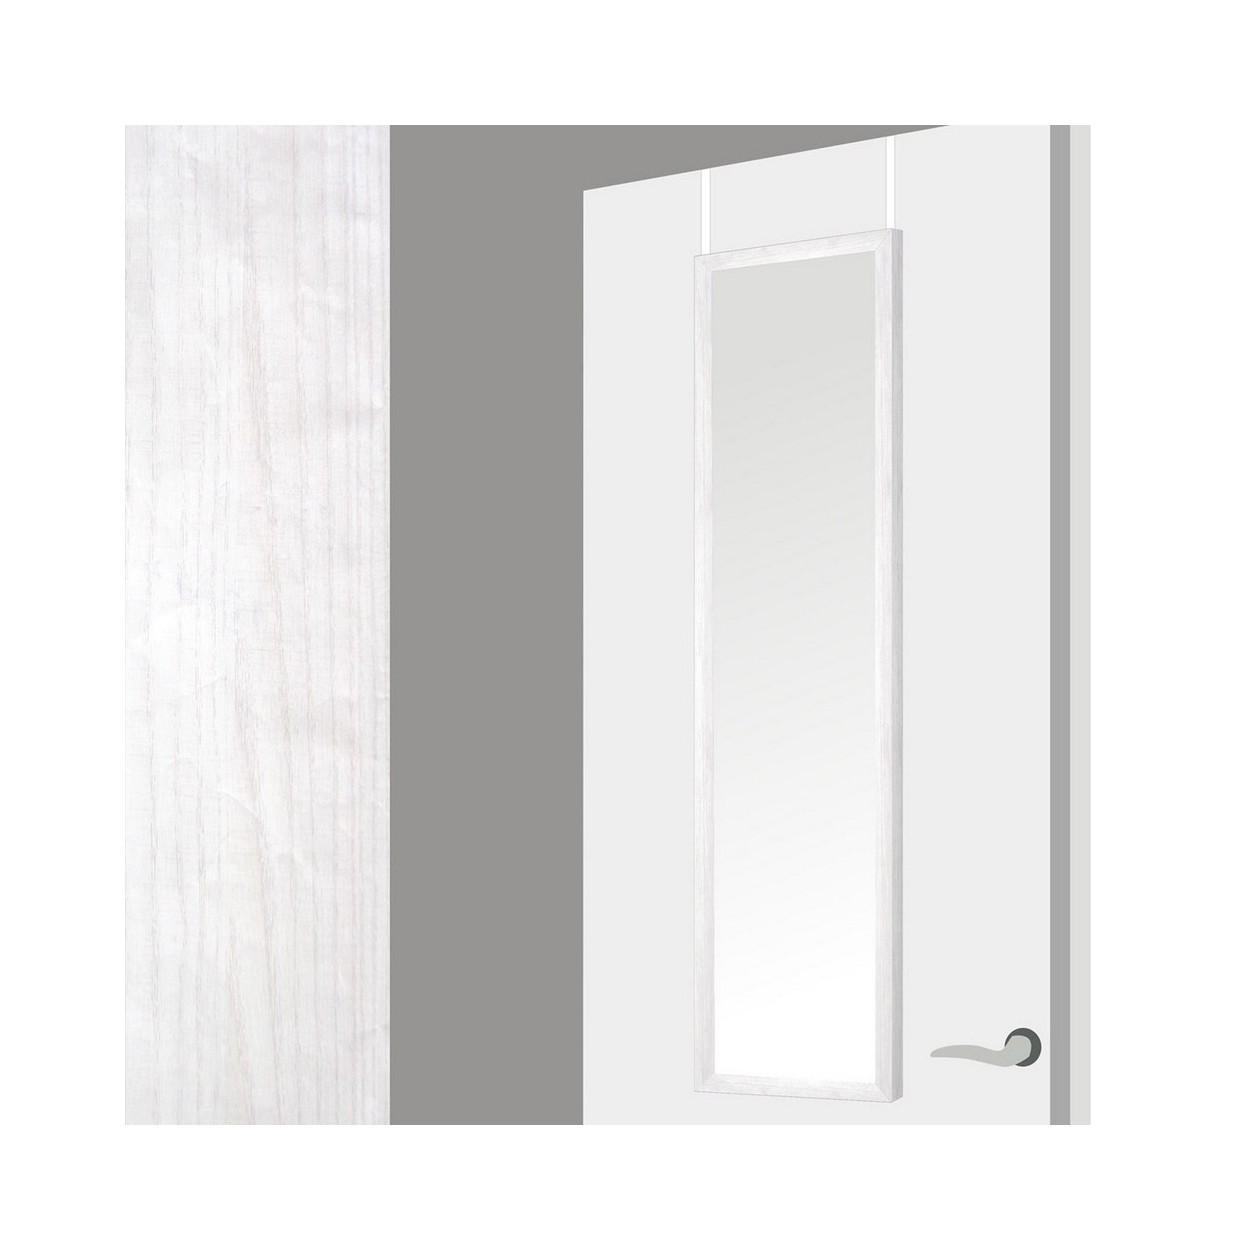 Hogar y mas espejo para puerta en madera decape blanco for Espejo para pegar en puerta